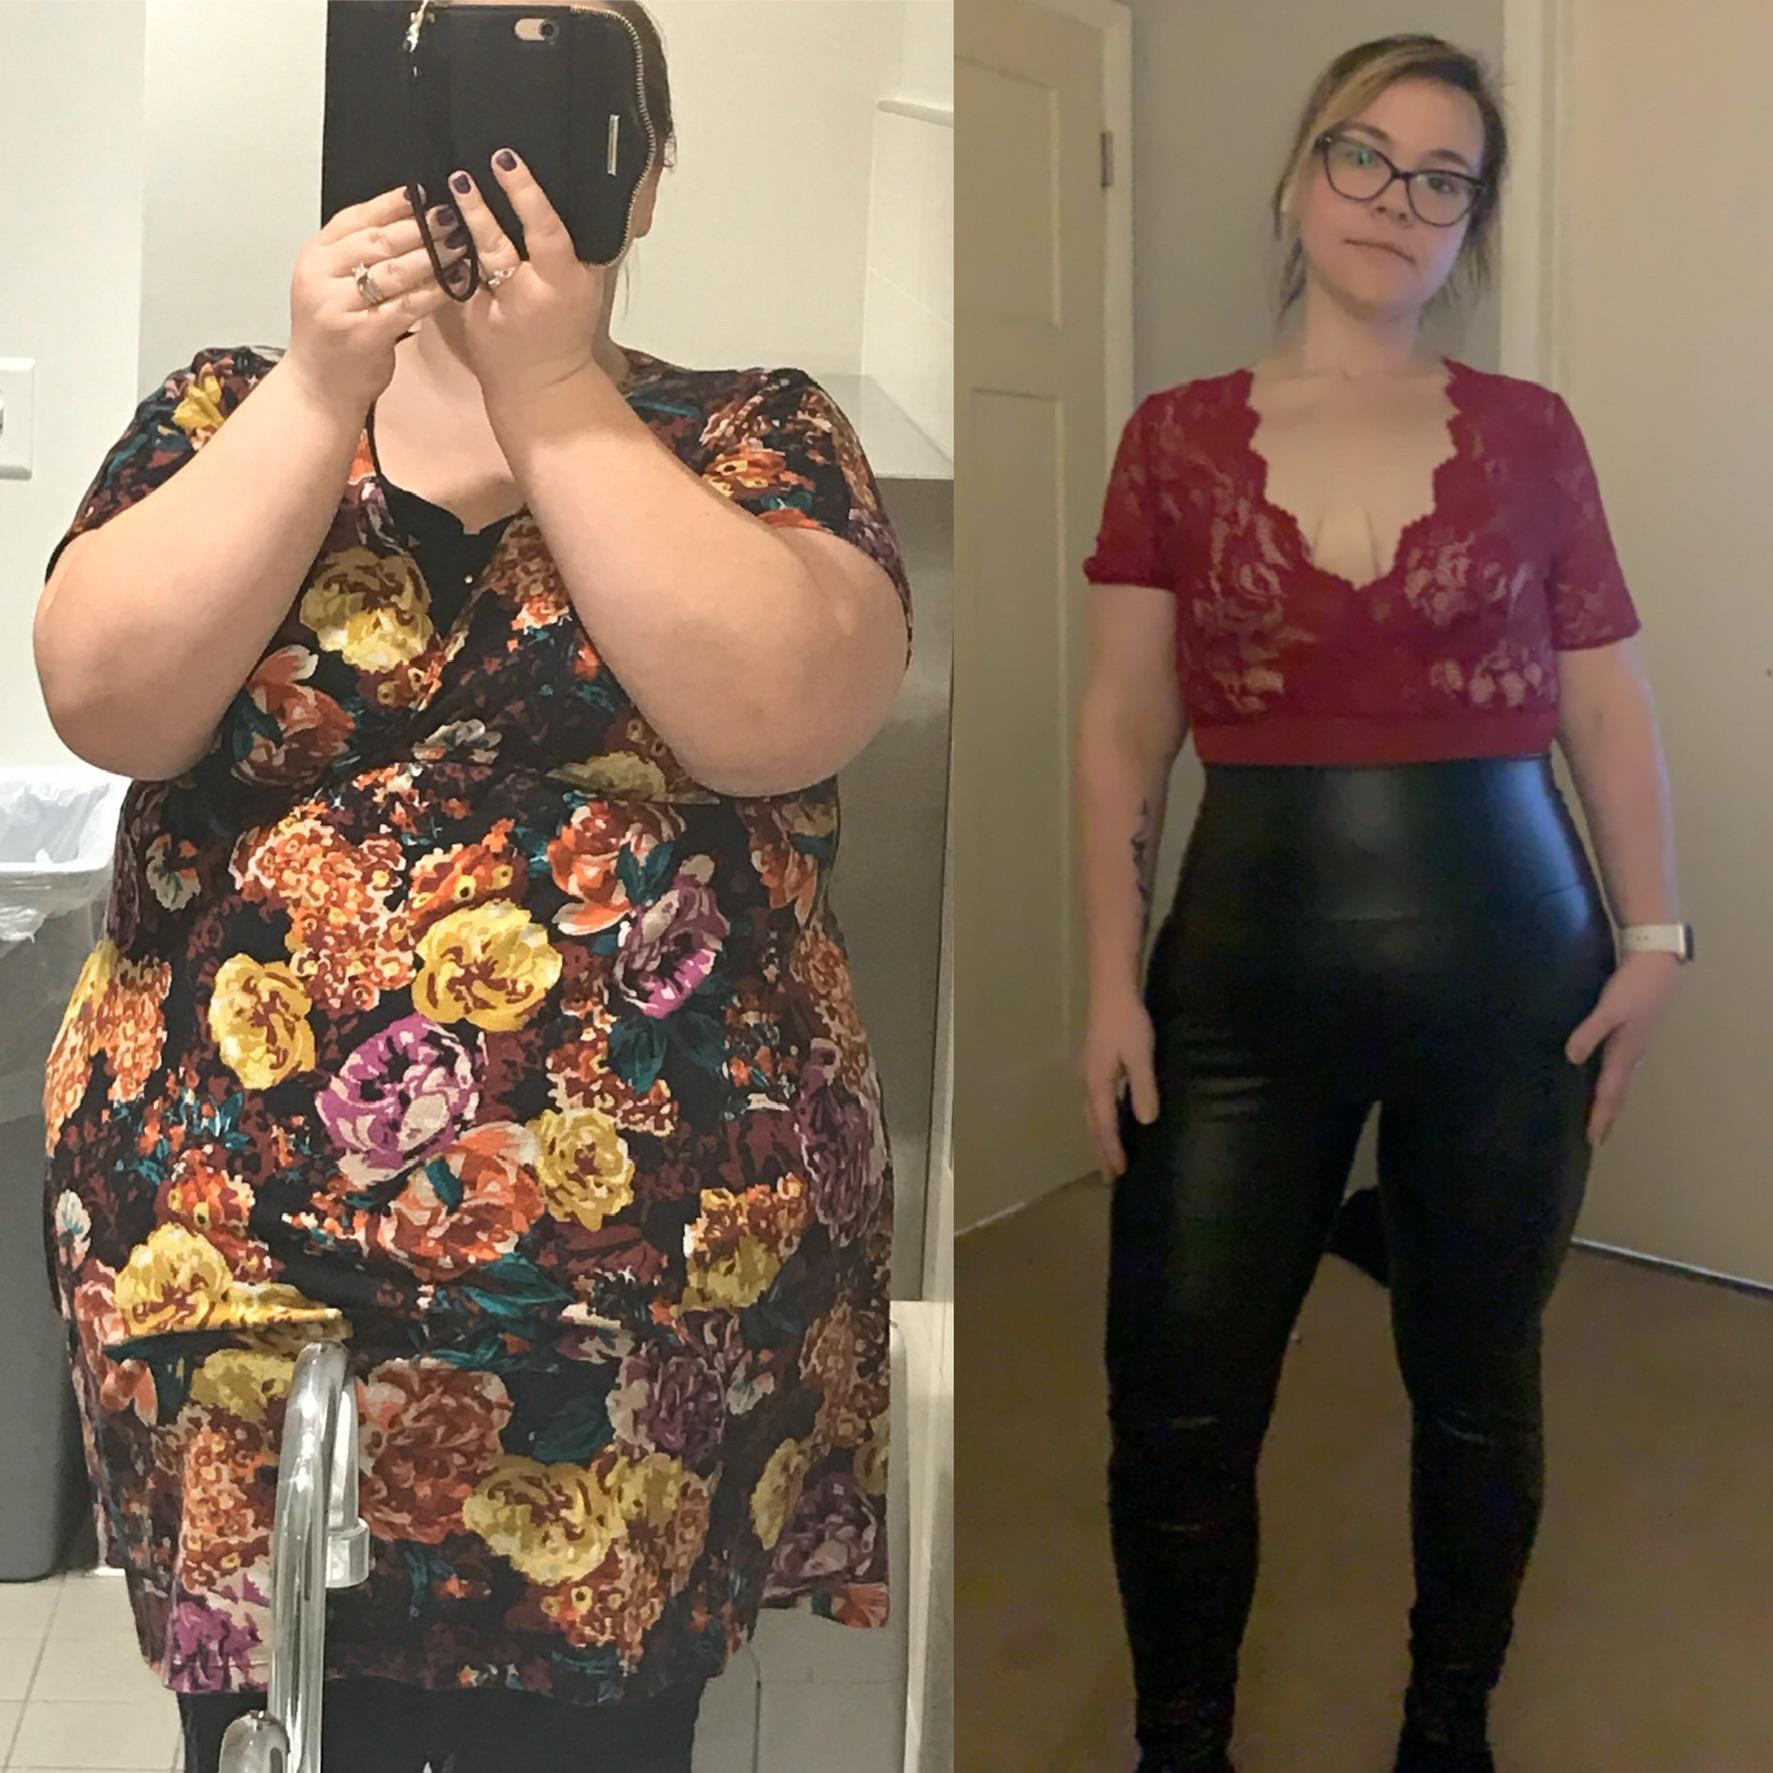 Progress Pics of 133 lbs Fat Loss 5'2 Female 300 lbs to 167 lbs